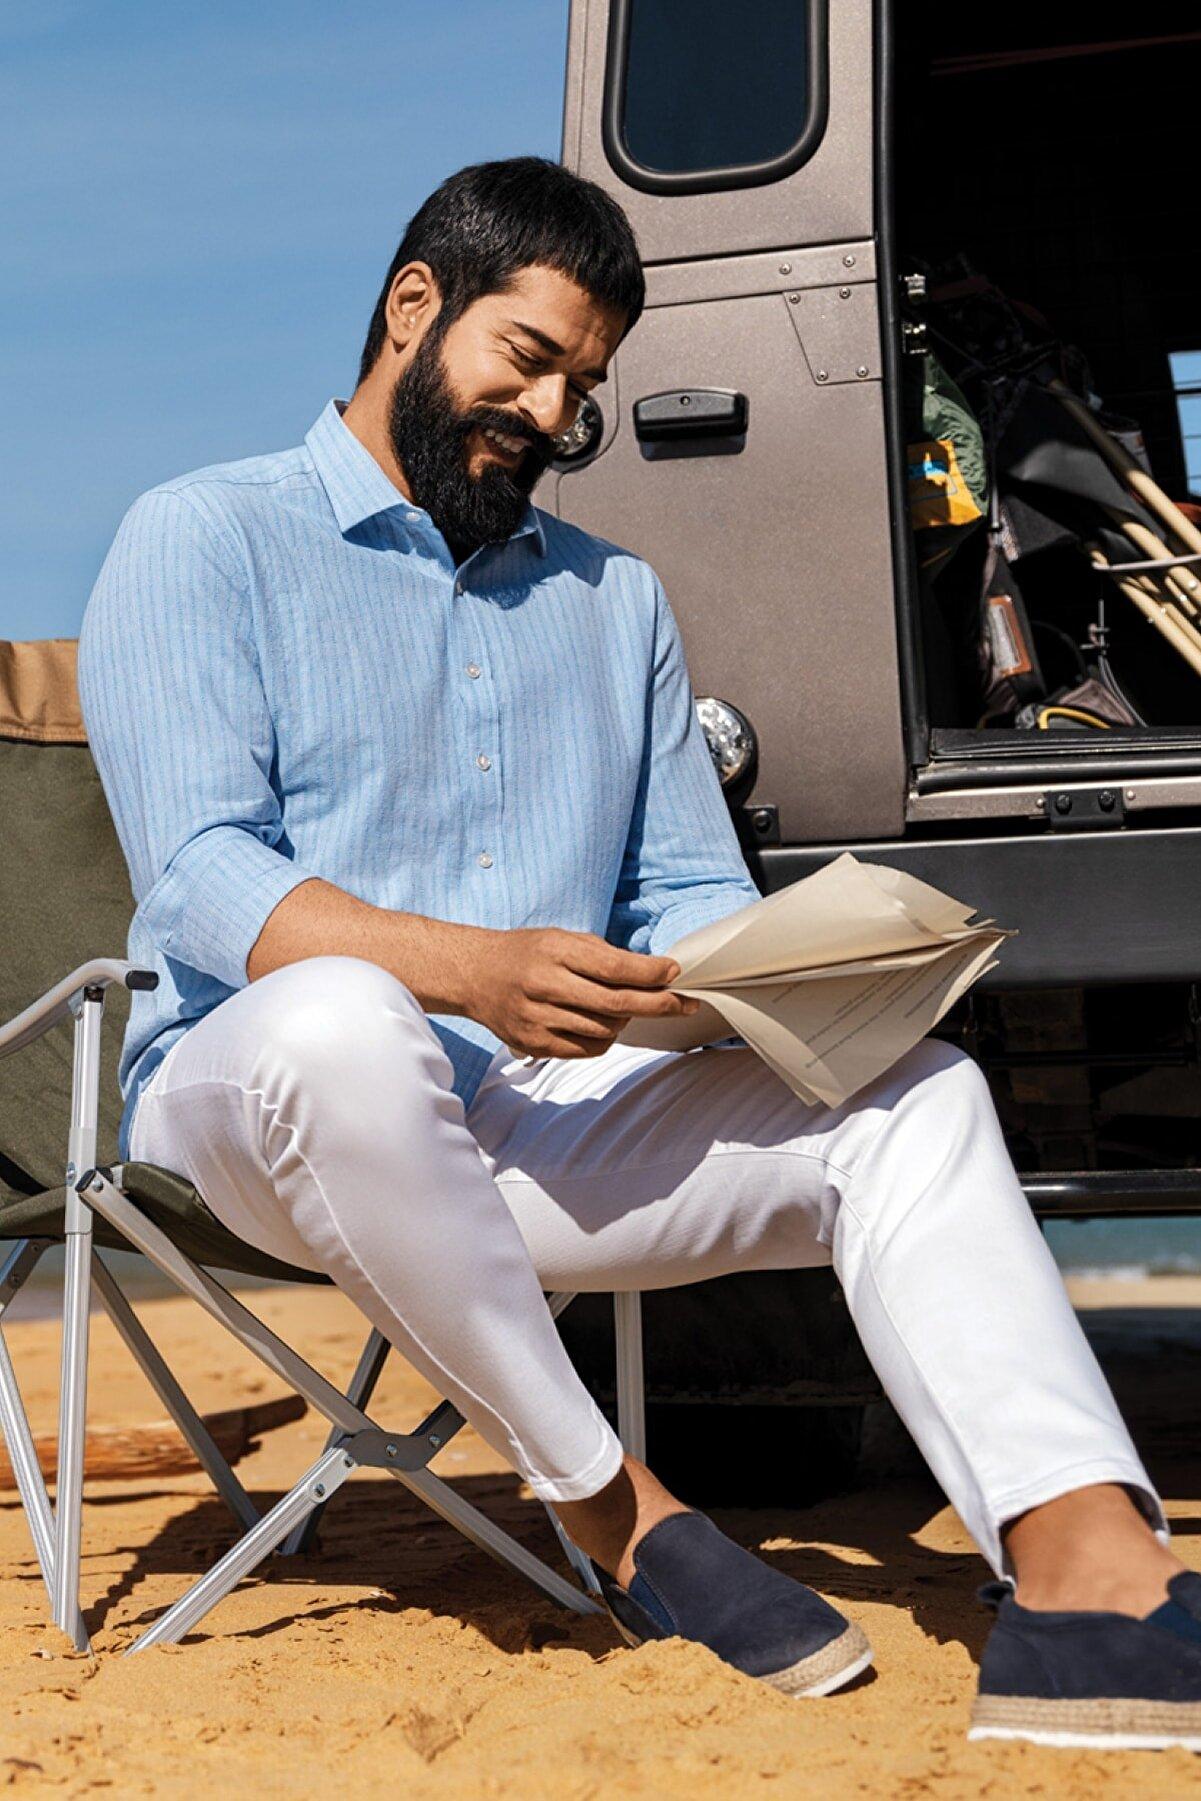 Altınyıldız Classics Erkek Açık Mavi Tailored Slim Fit Klasik Gömlek Yaka %100 Koton Gömlek